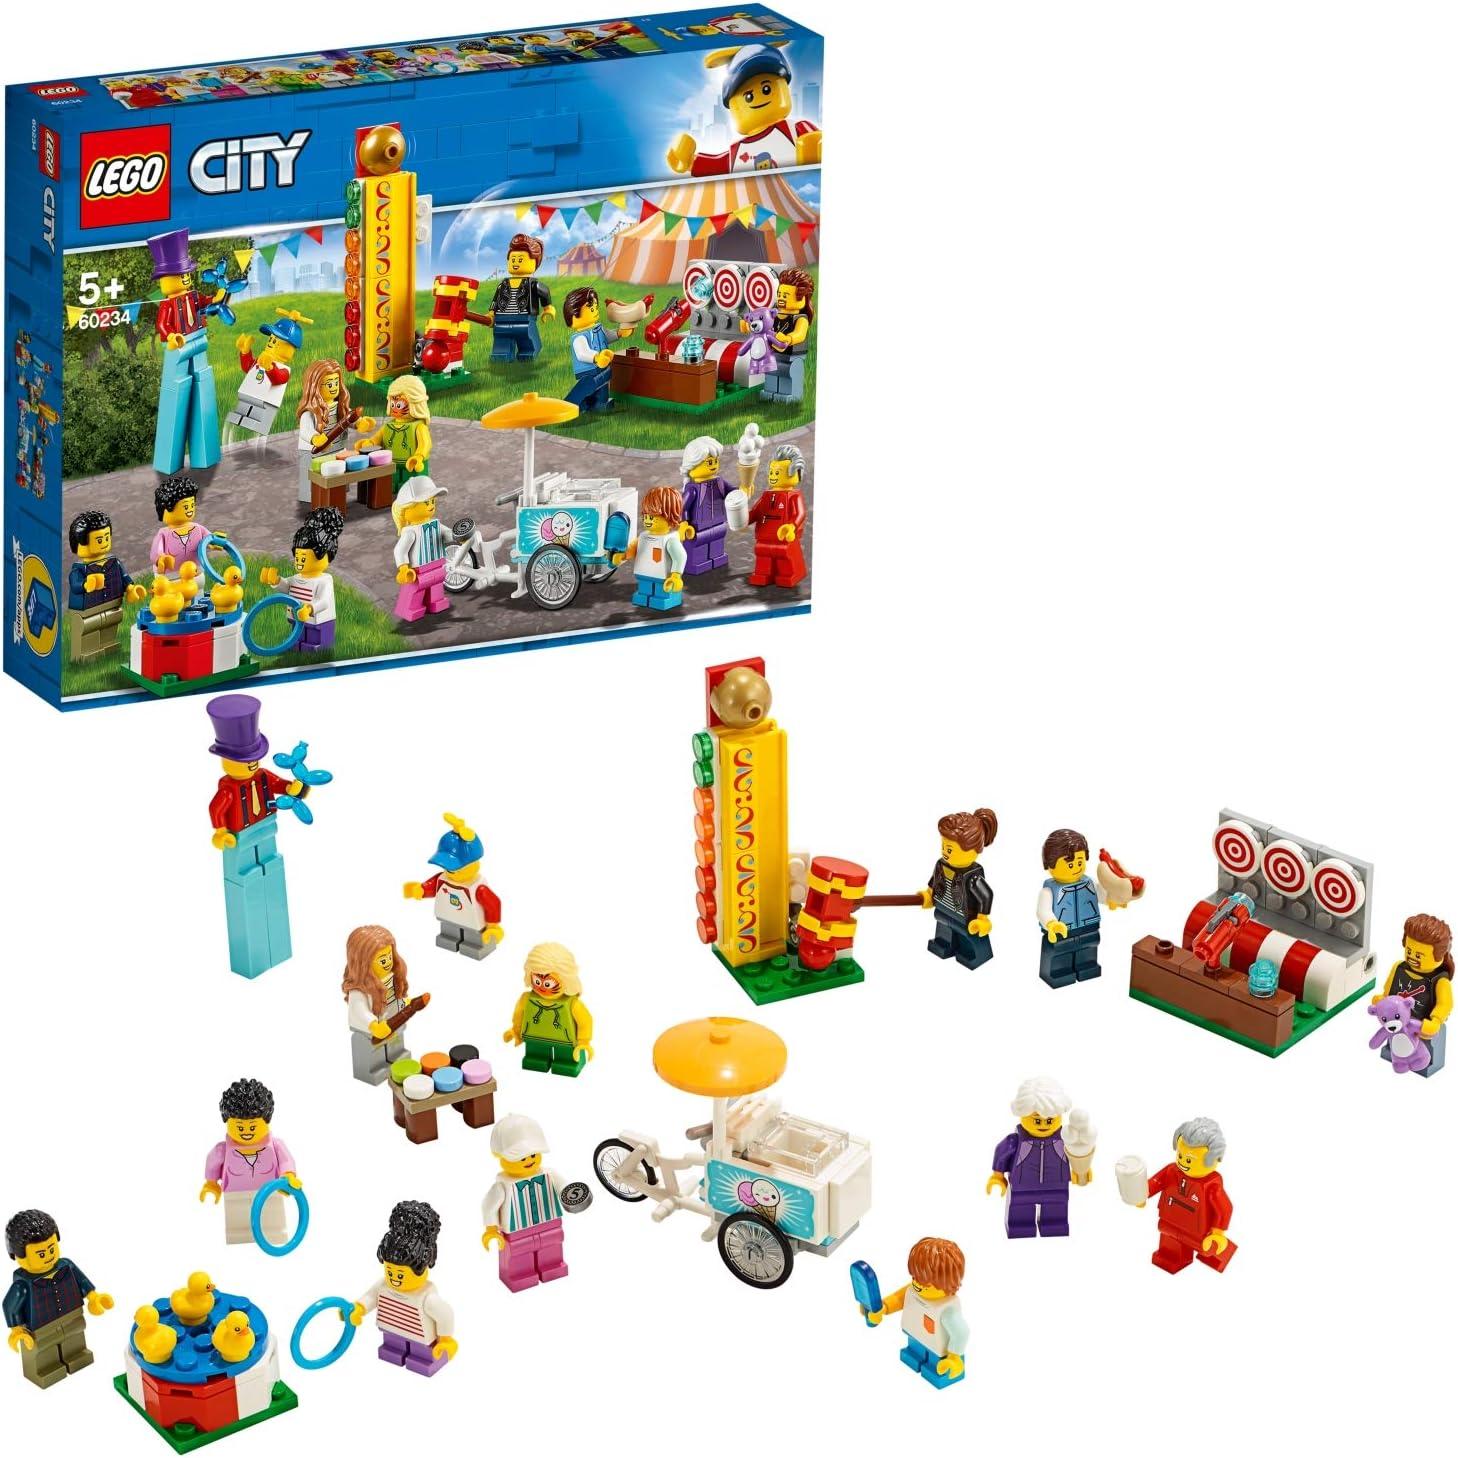 LEGO City Town - Pack de Minifiguras: Feria Juguete de ...